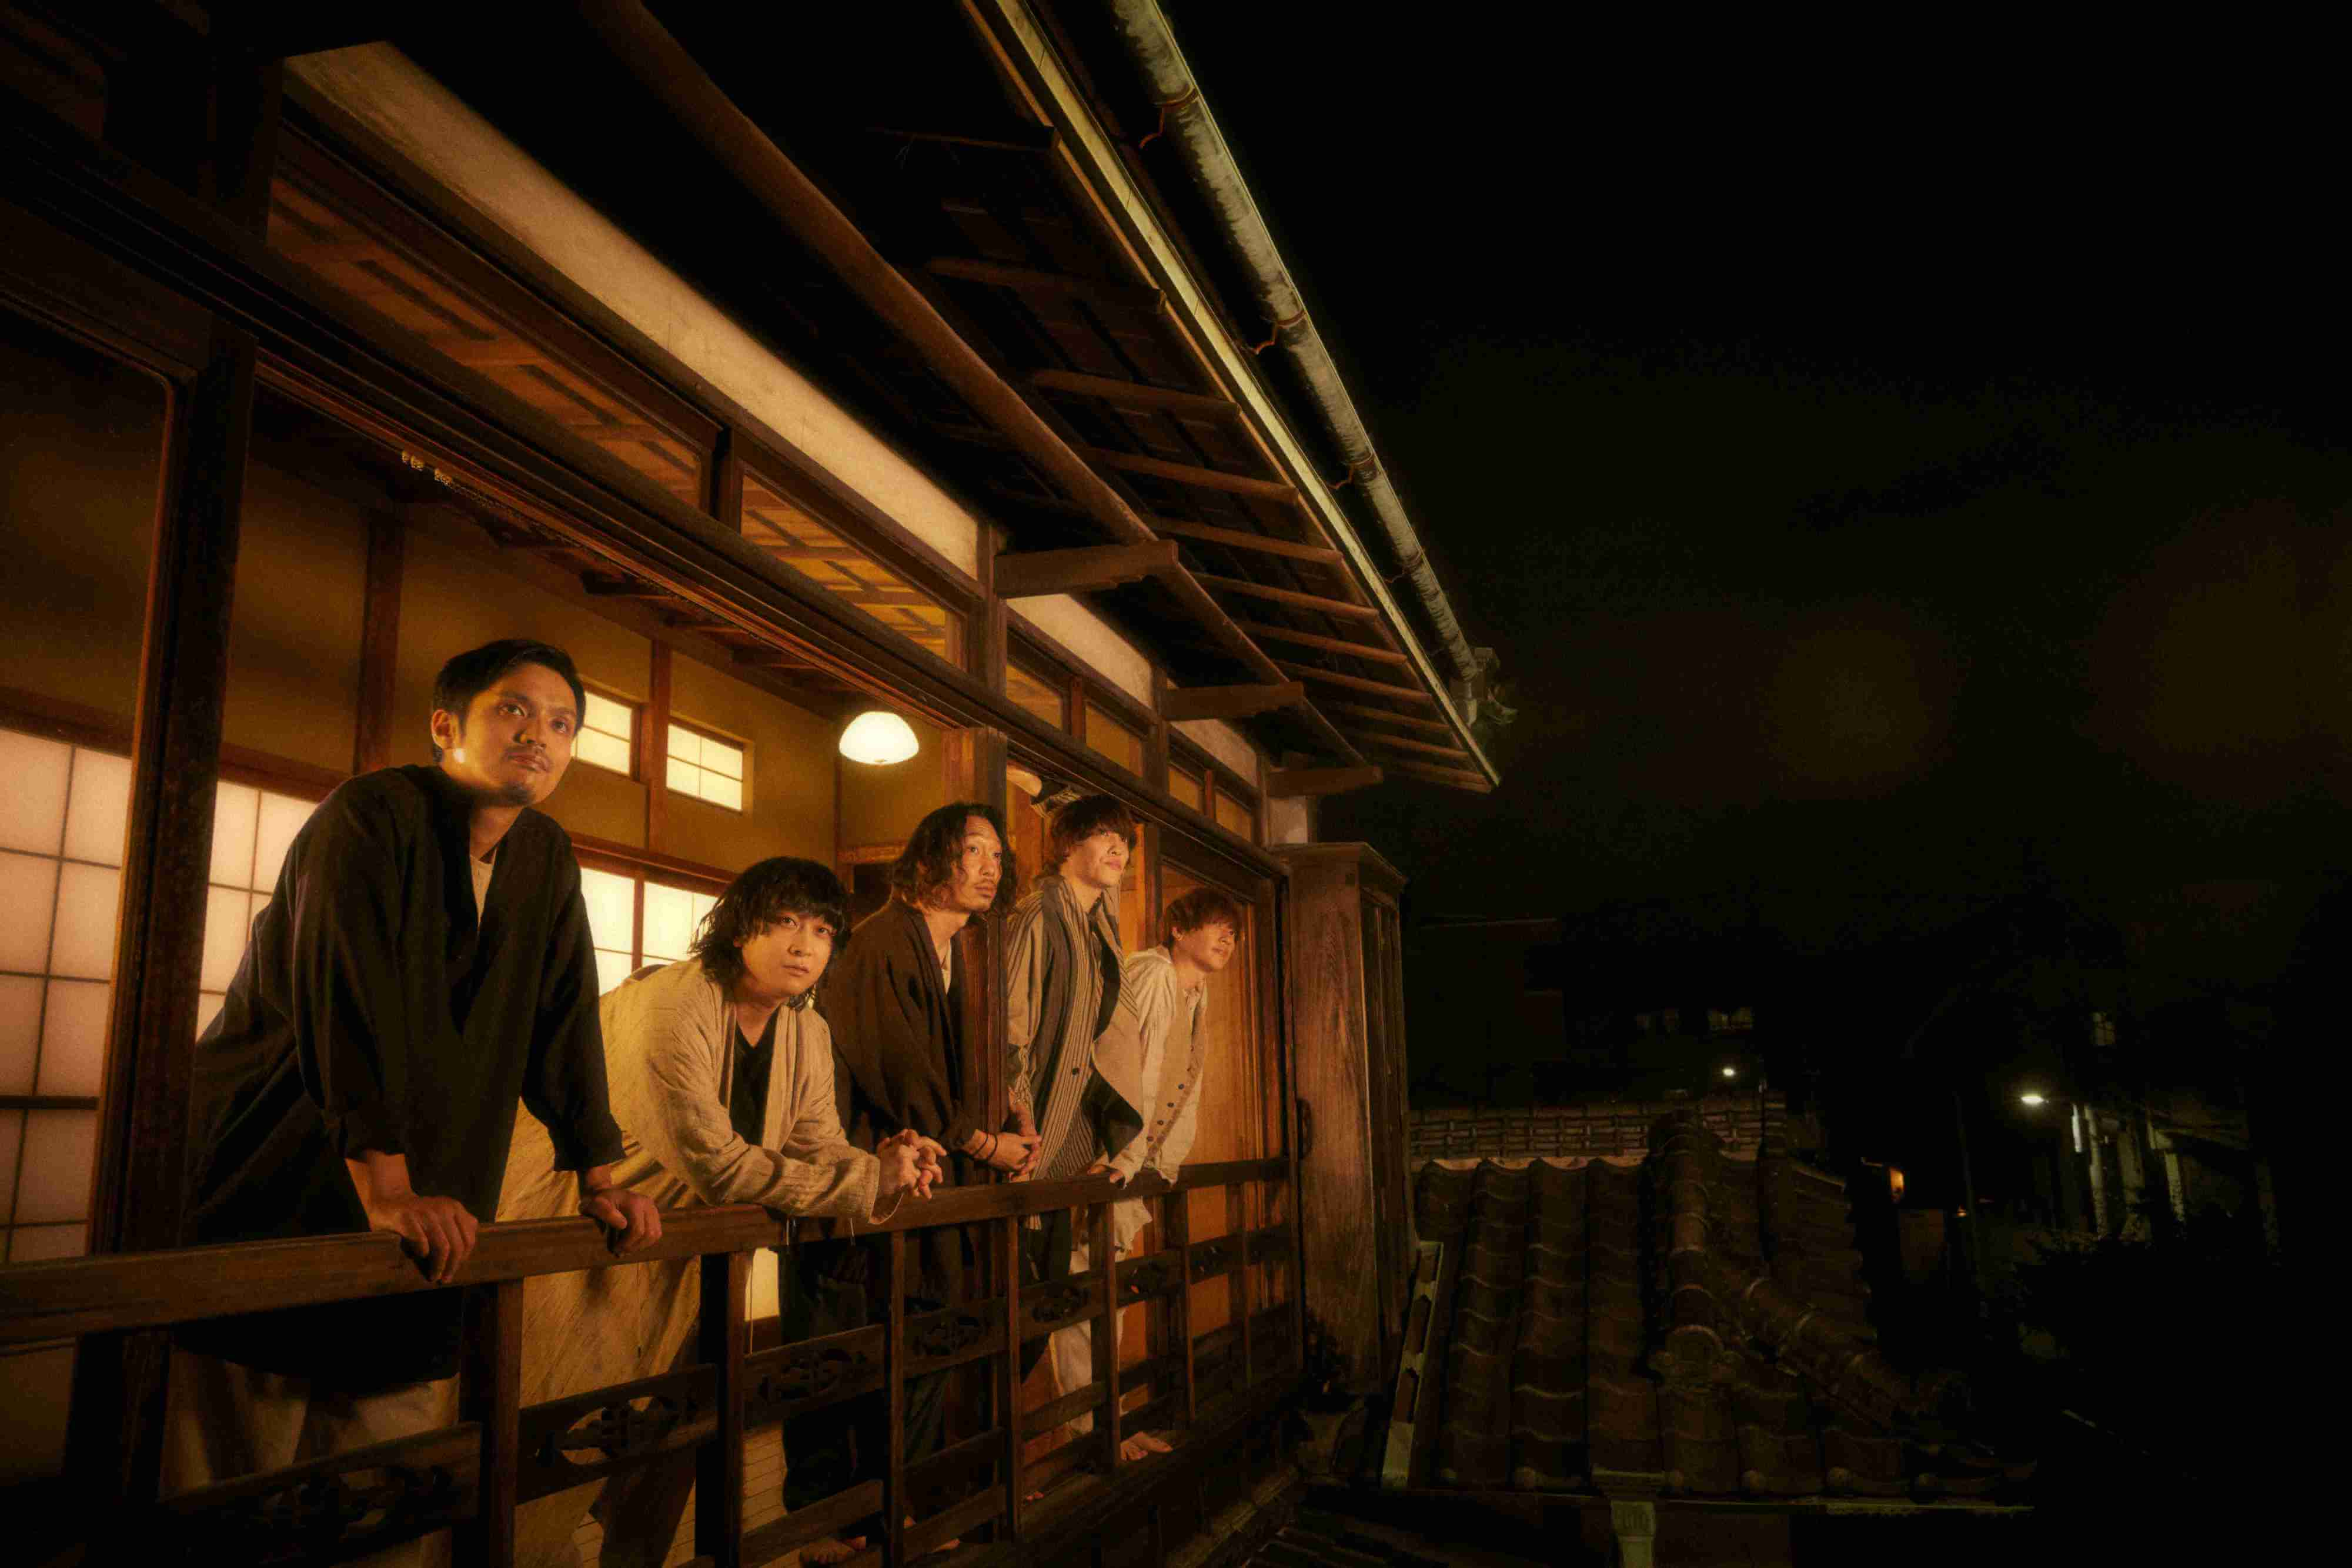 結成15周年のGOTRが4年ぶりのアルバムリリース&全国ツアー発表。